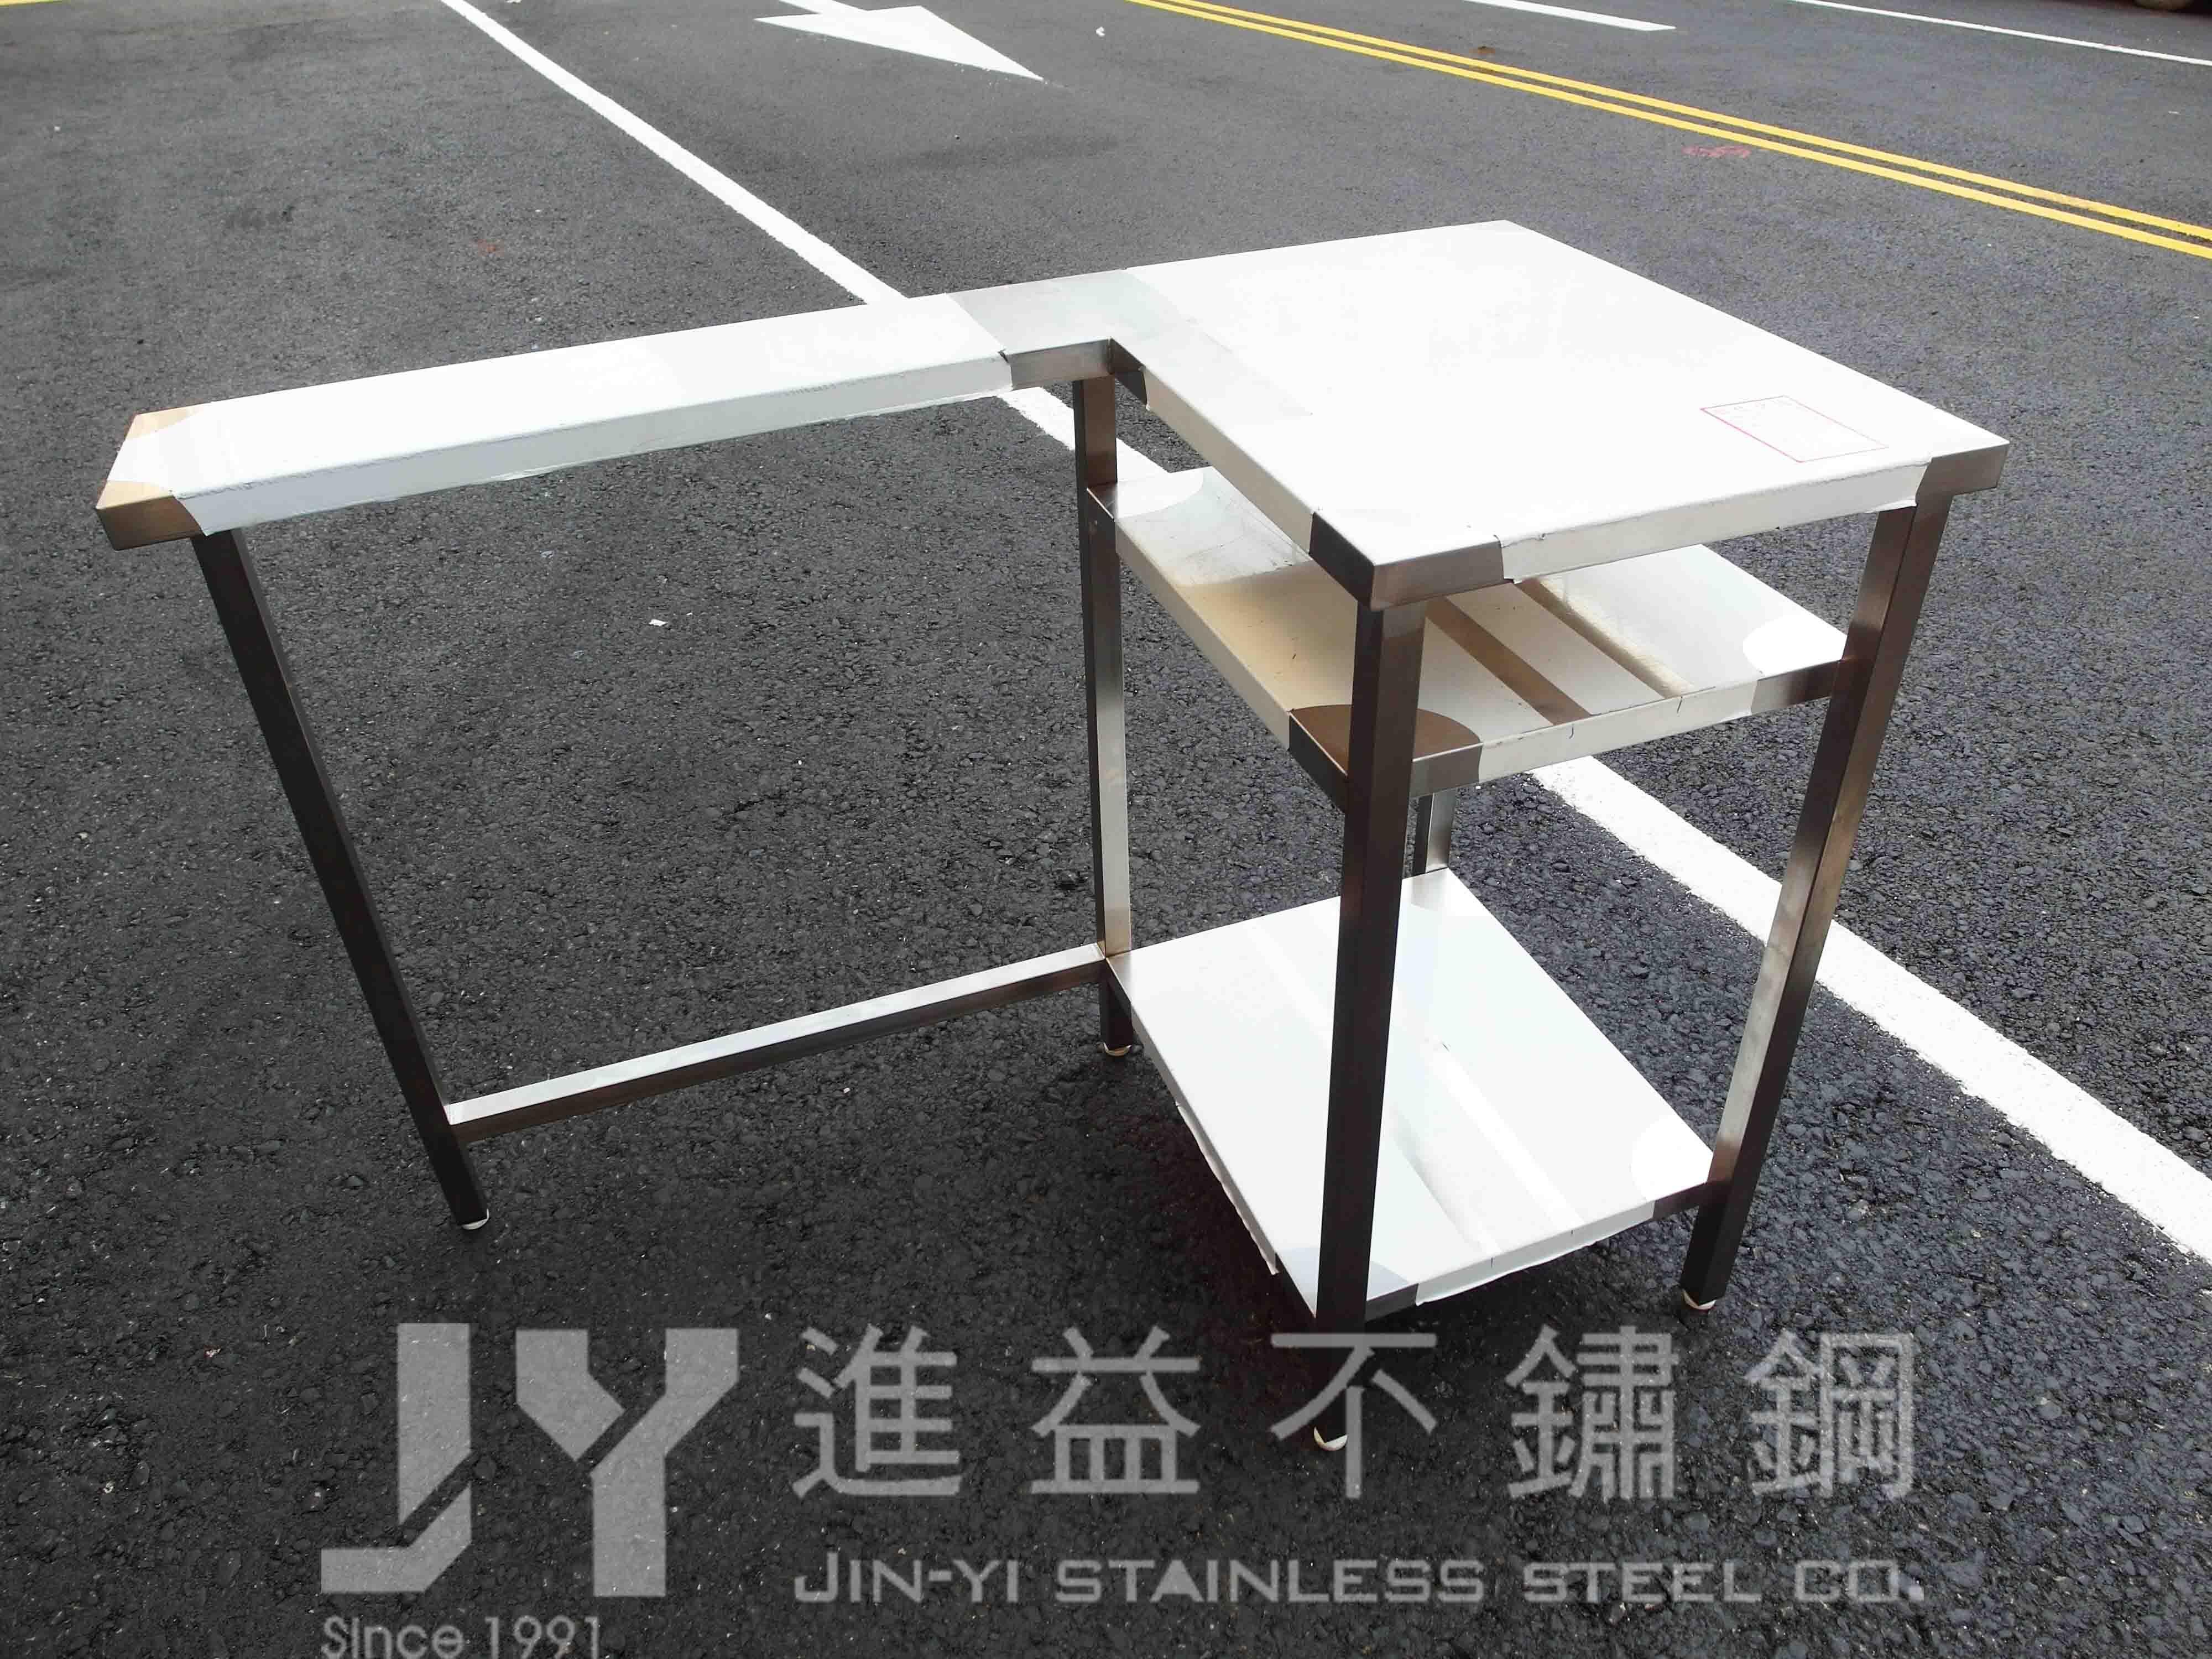 【進益不鏽鋼】L型工作台 冰箱工作台 工作桌崁入冰箱 工作桌 無塵室桌 醫院桌 不鏽鋼訂製 客製化不鏽鋼桌 訂製工作台